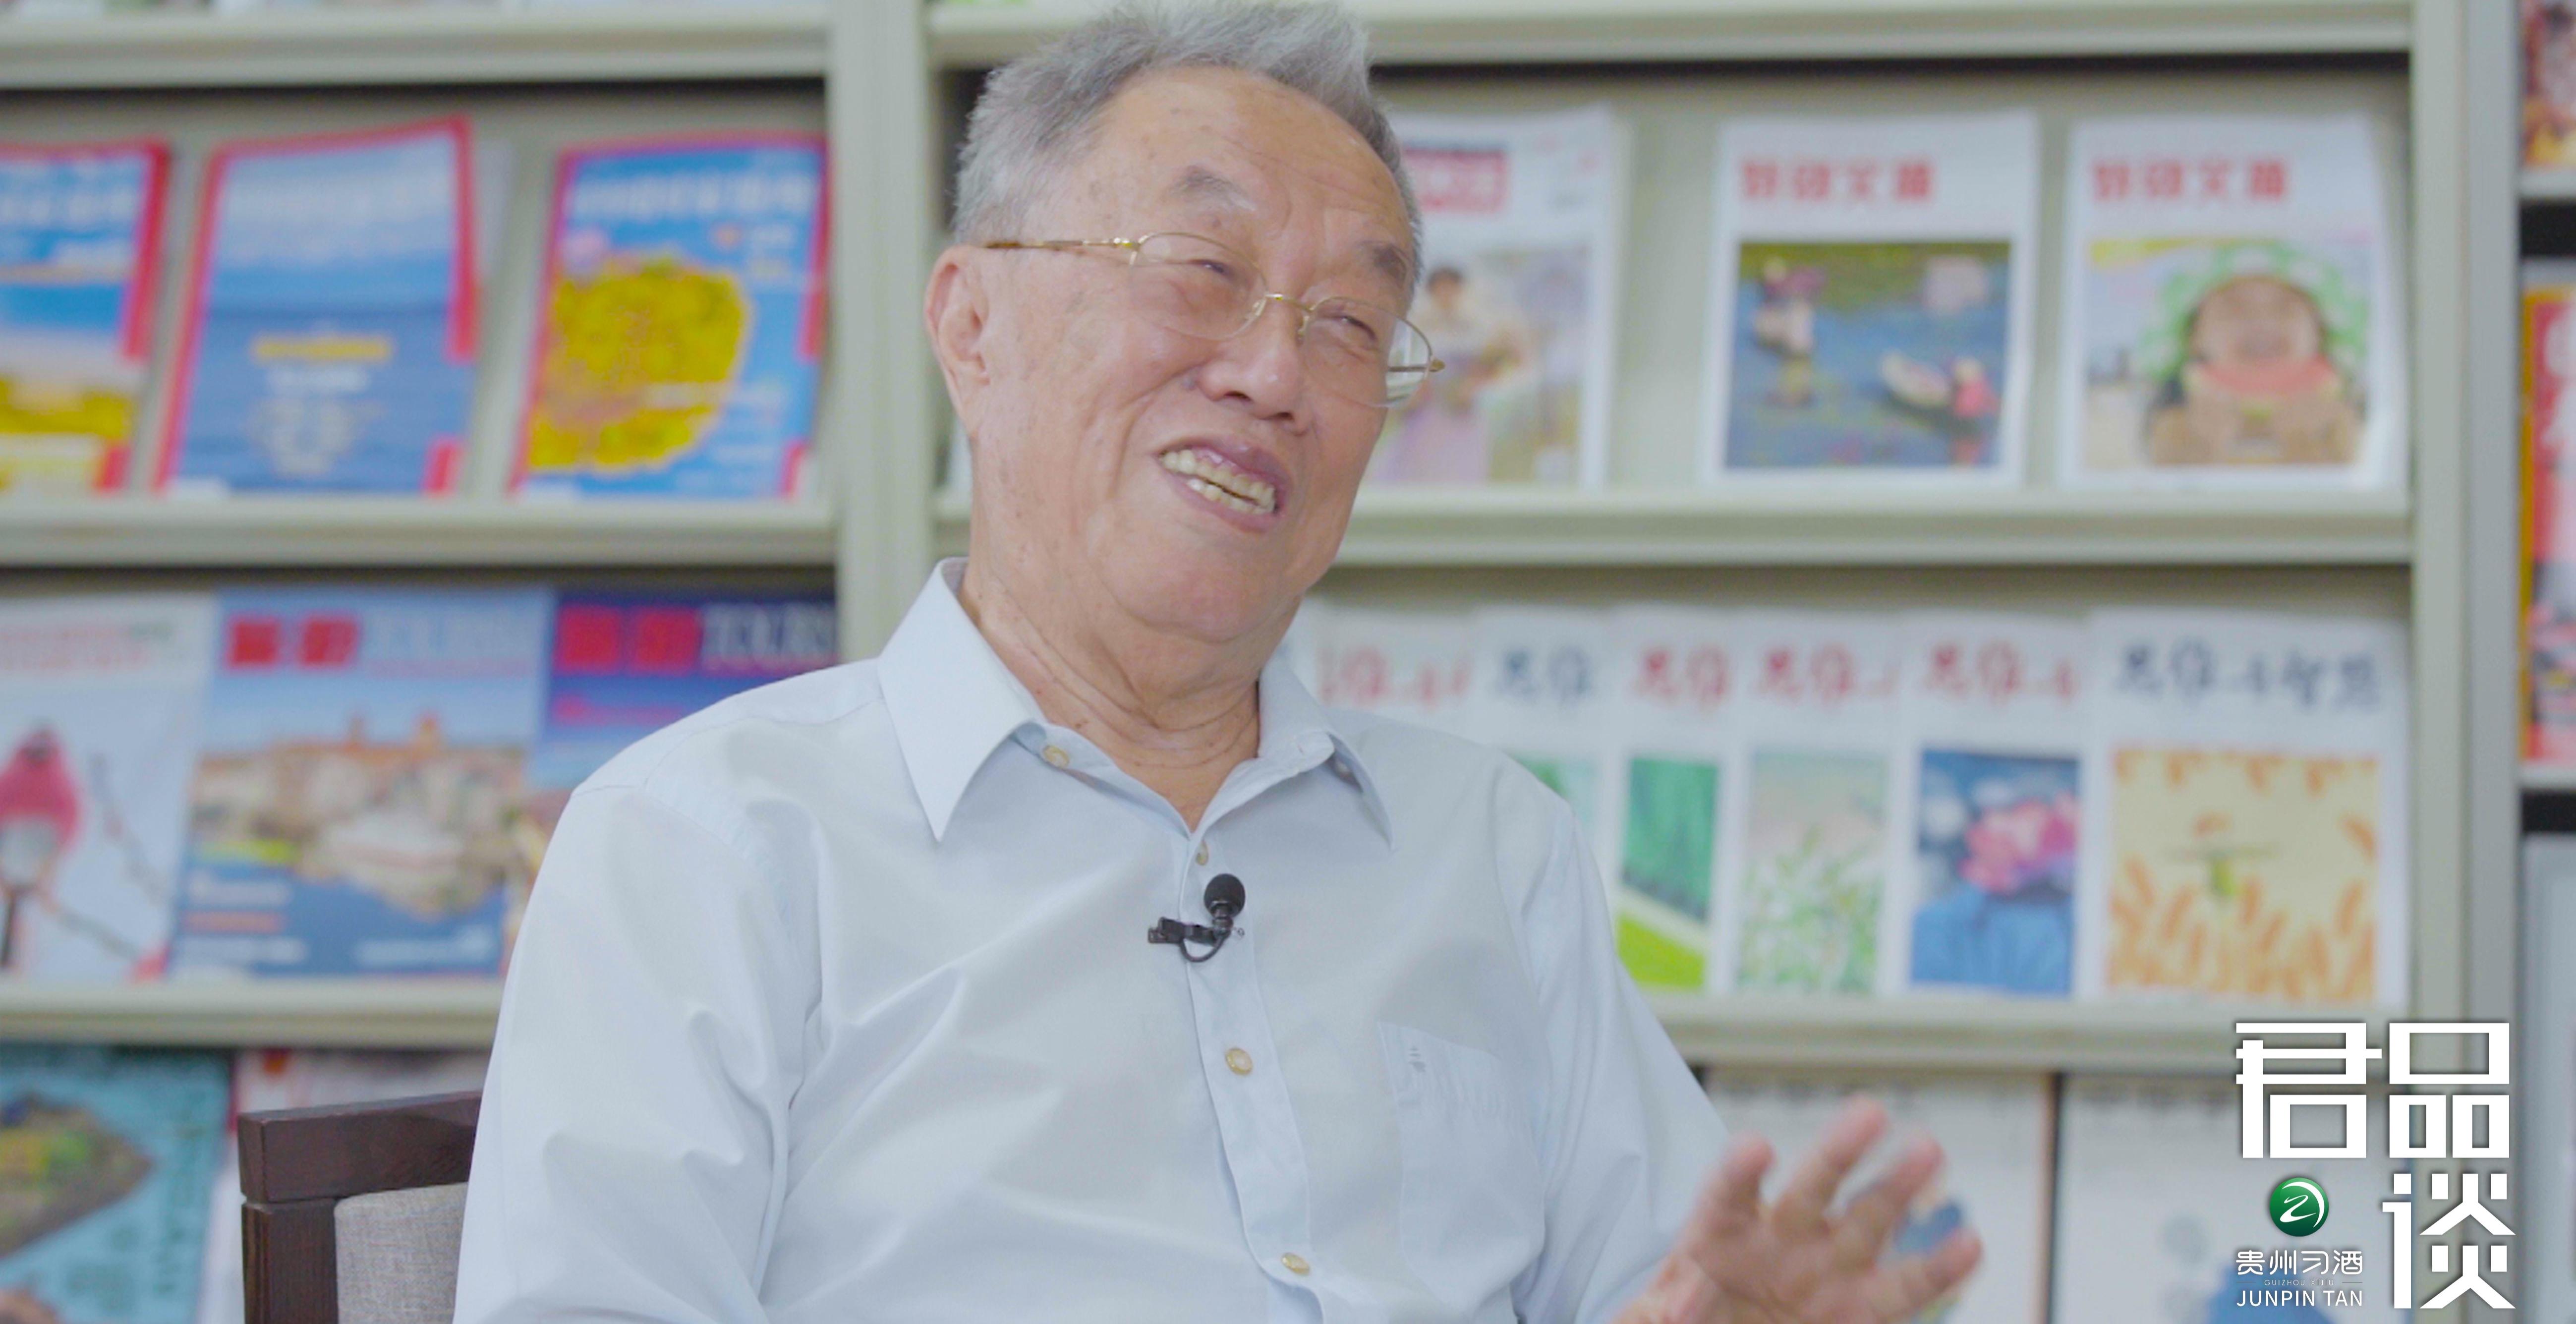 《君品谈》 人民艺术家王蒙:我当部长就像服兵役,说好就干三年